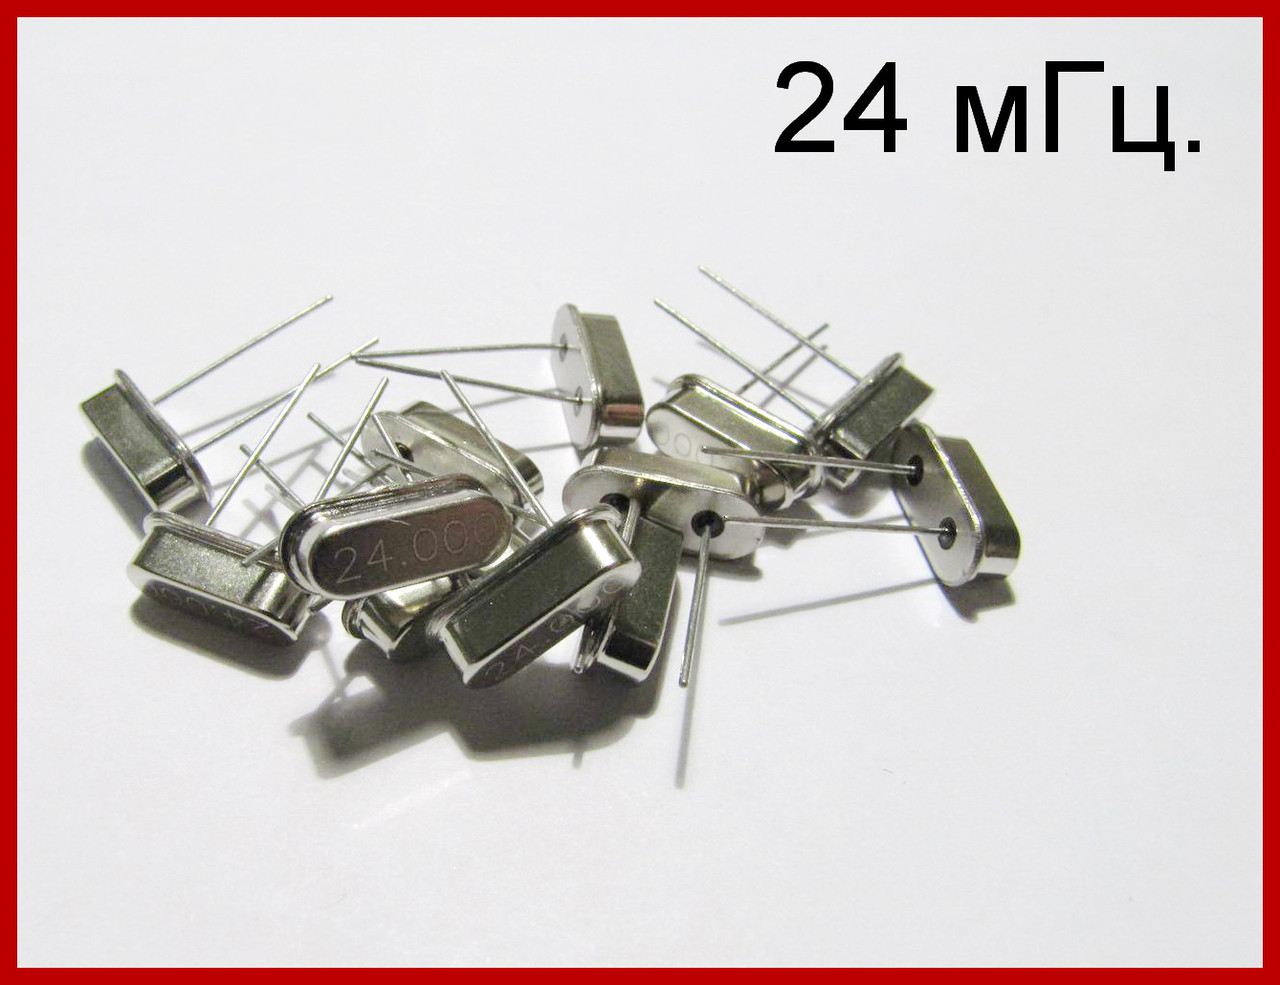 Кварцевый резонатор, 24 мГц. - sk-электрон в Никополе